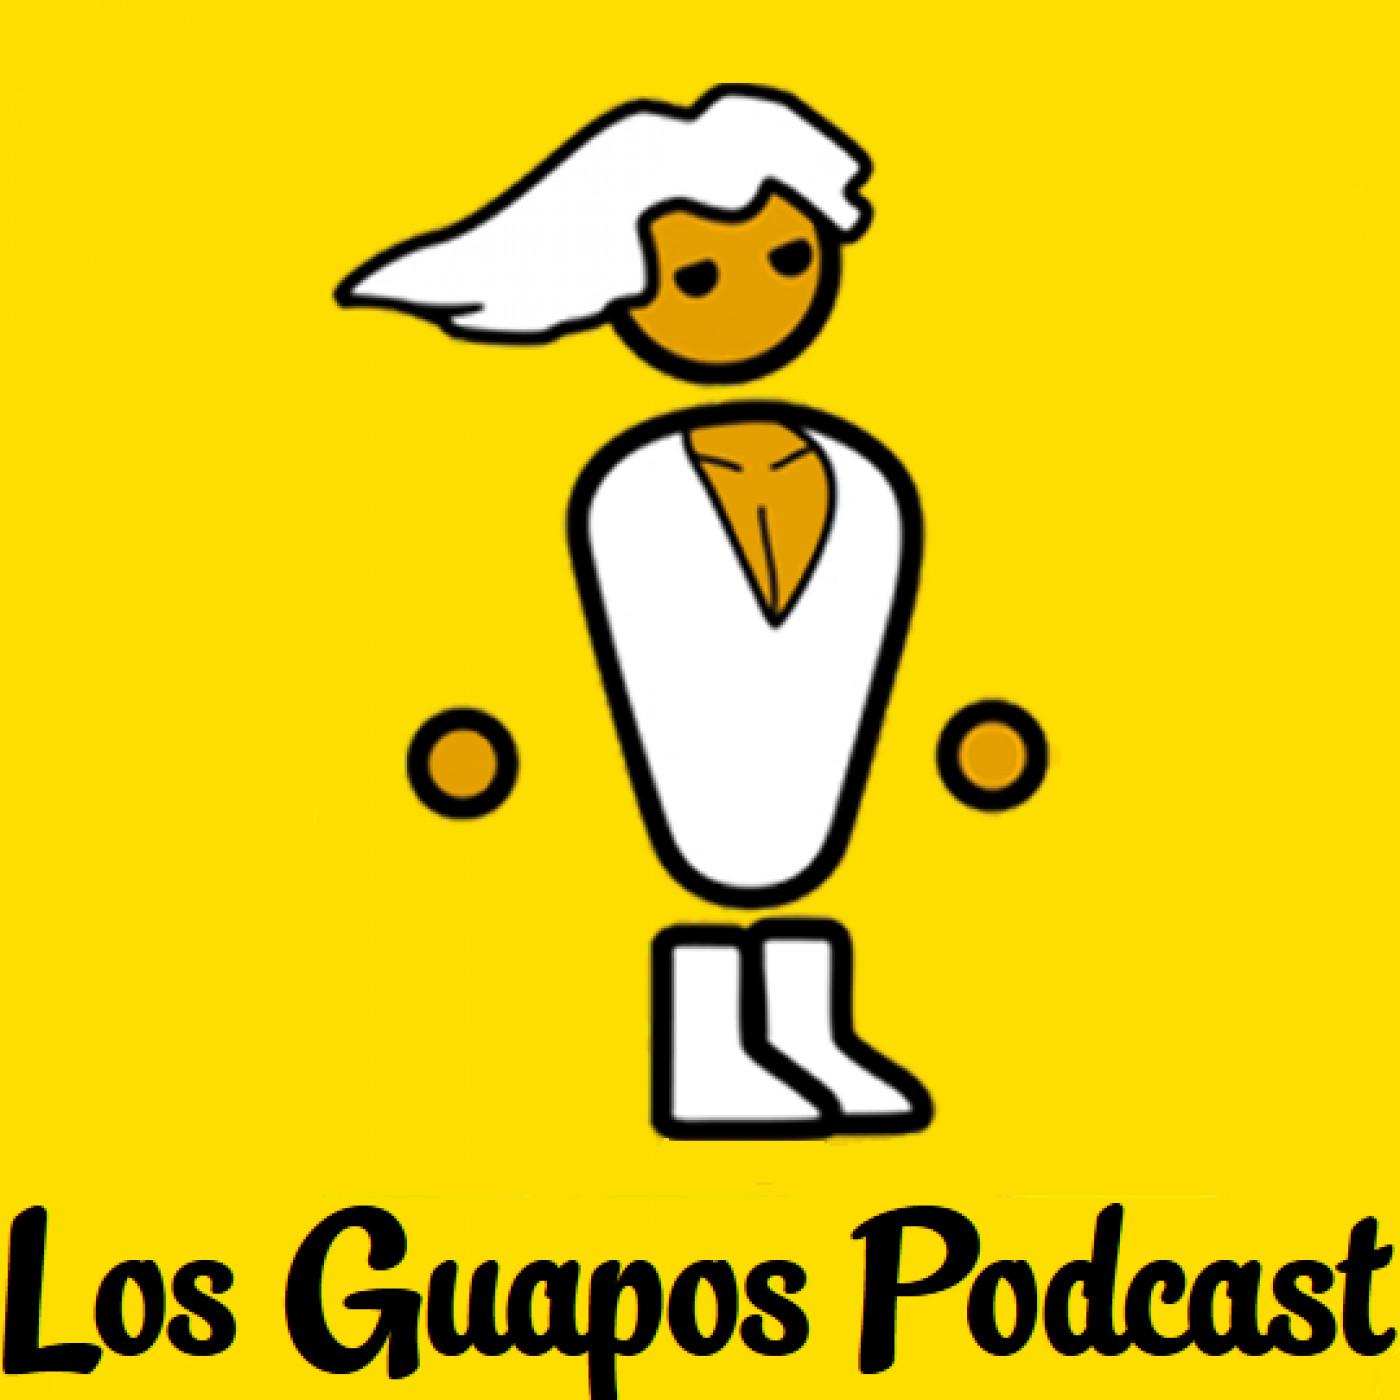 Los Guapos 1x06 Ano Nuevo Guapos Nuevos En Los Guapos Podcast En Mp3 11 02 A Las 21 50 42 02 14 22 10402153 Ivoox Cuando muere uno de los ancianos, los guapos, creyéndose responsables de la muerte, logran que los muertos parezcan vivos y puedan. los guapos 1x06 ano nuevo guapos nuevos en los guapos podcast en mp3 11 02 a las 21 50 42 02 14 22 10402153 ivoox